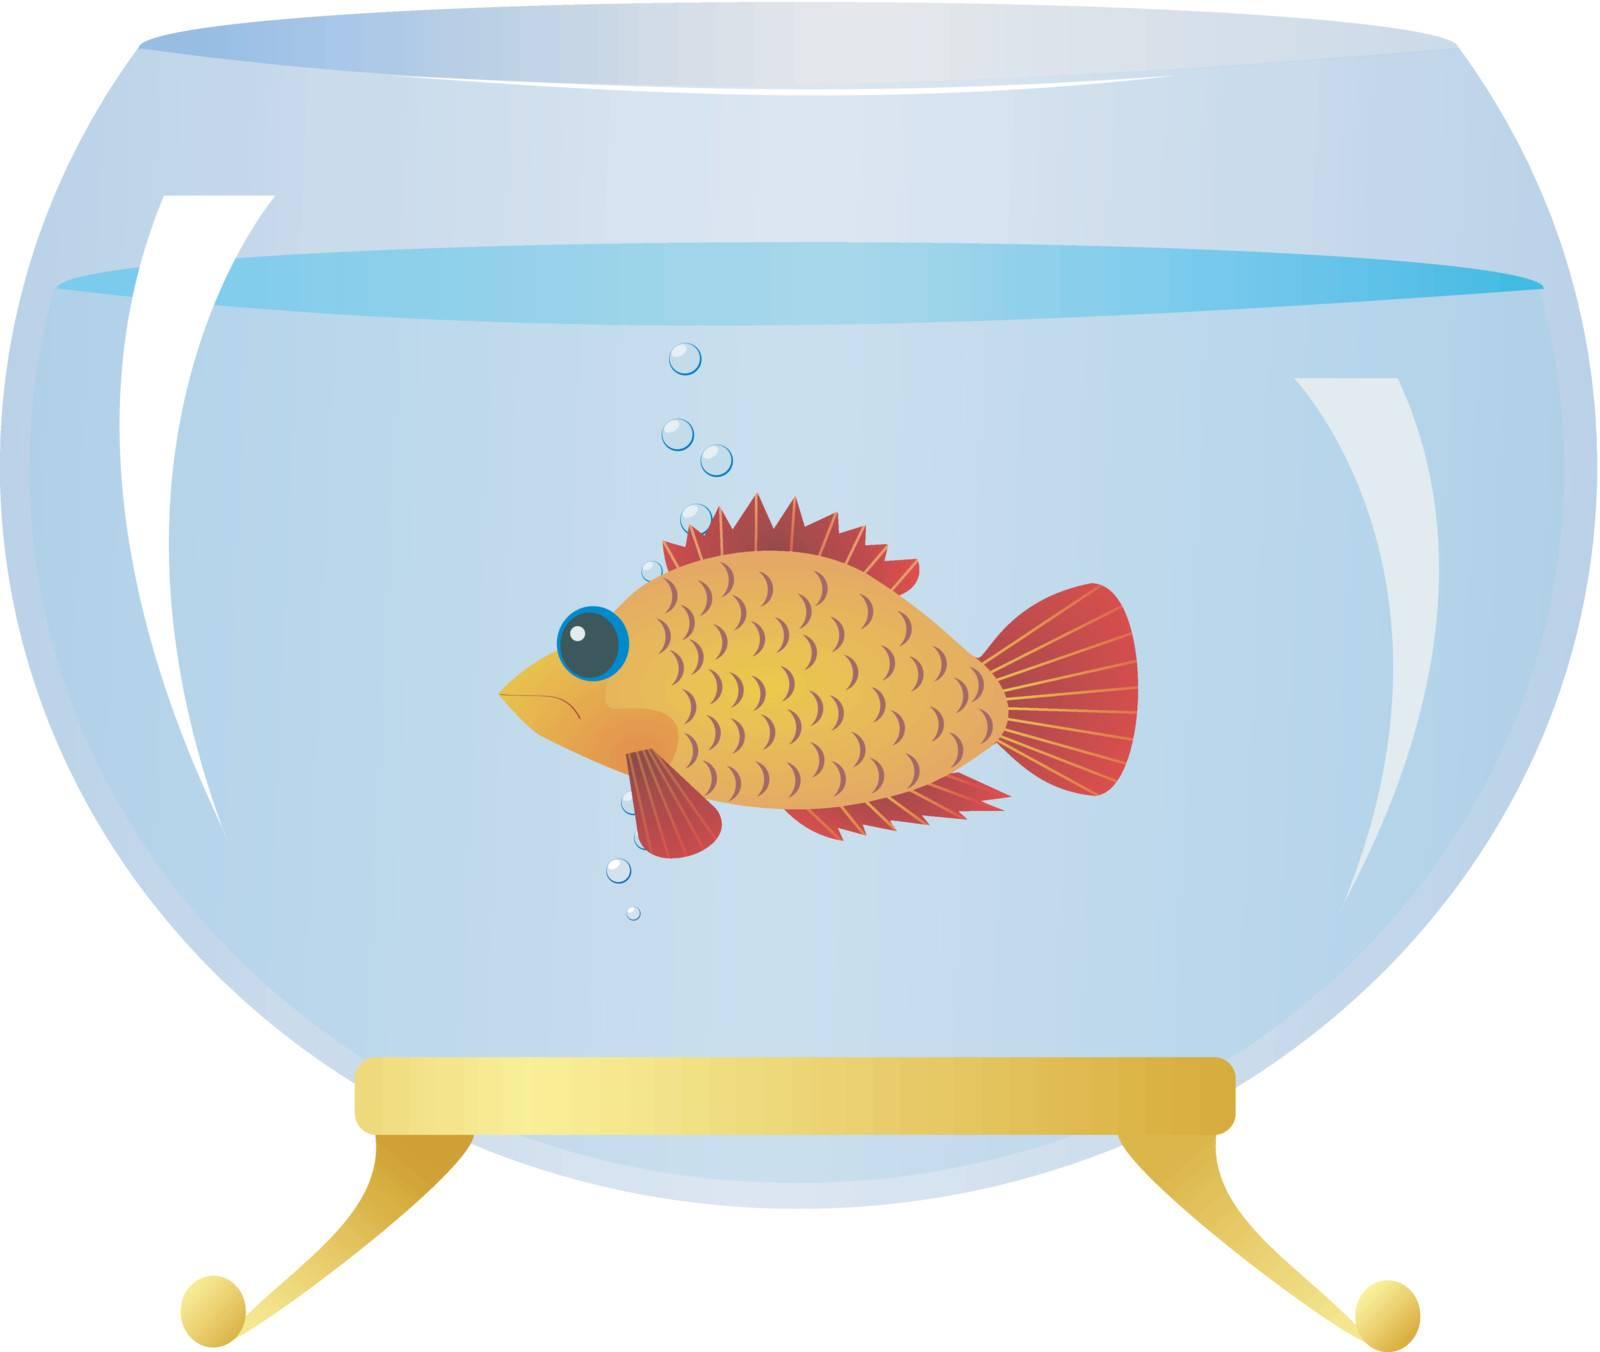 Decorative fish in an aquarium